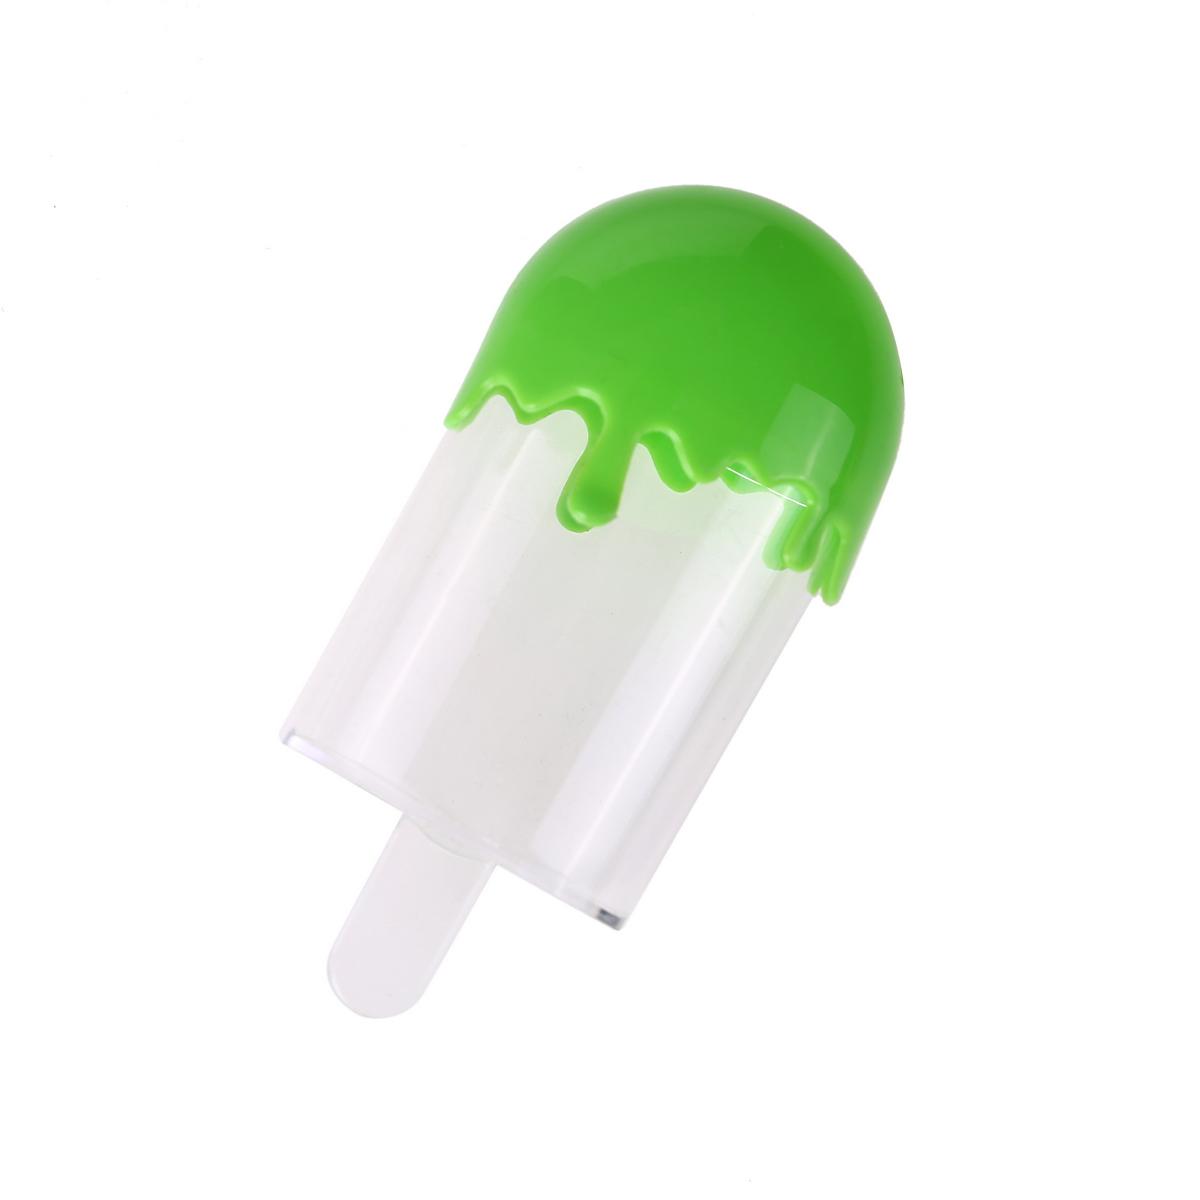 ארטיק נוטף למילוי מכסה ירוק